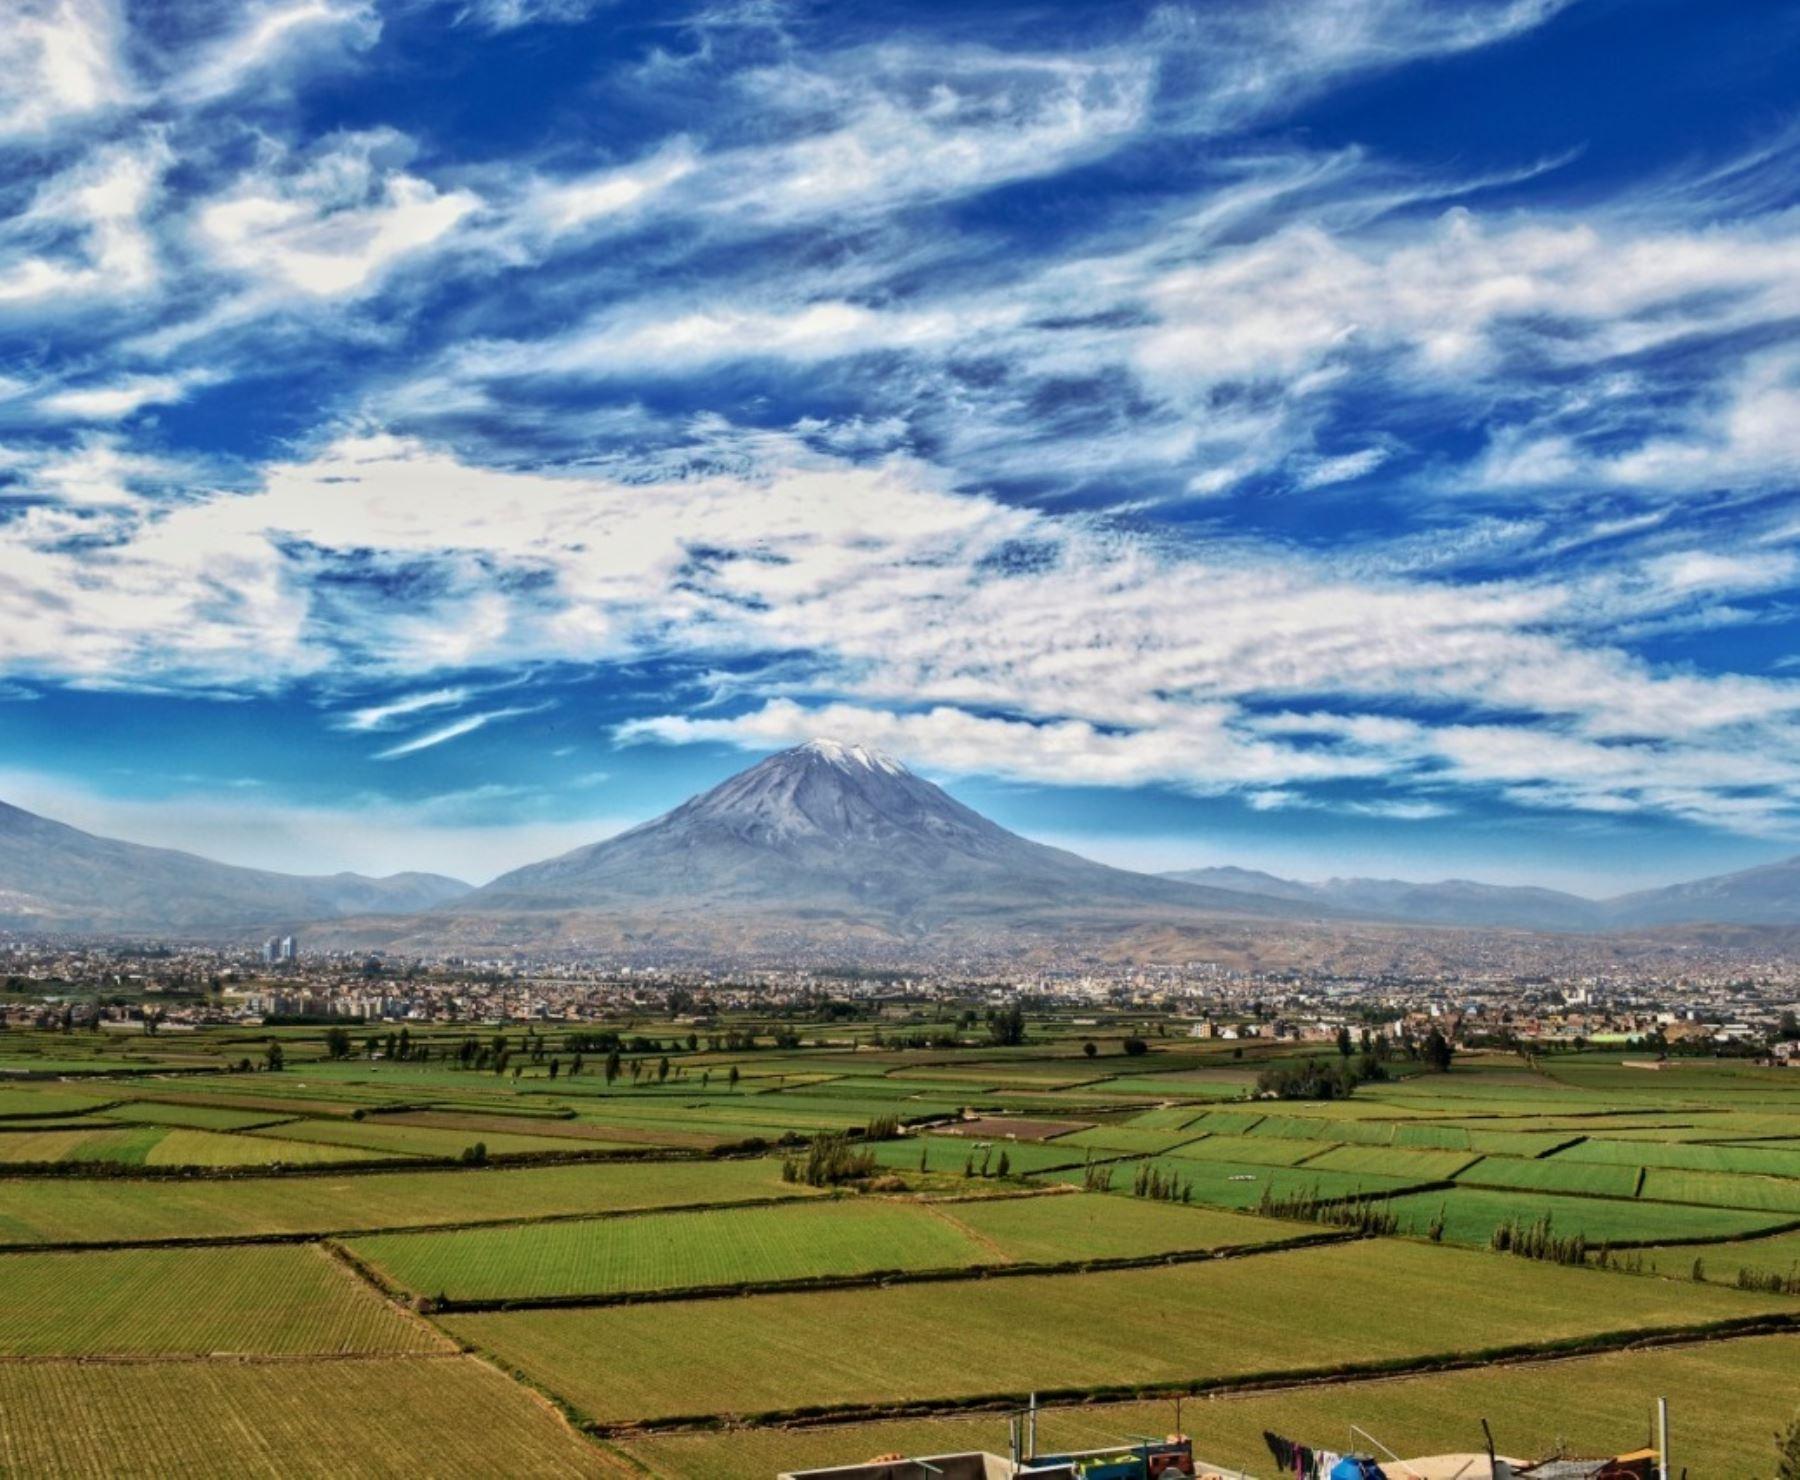 El IGP elaborará un plan de emergencia ante una posible erupción del volcán Misti, en Arequipa. ANDINA/Difusión